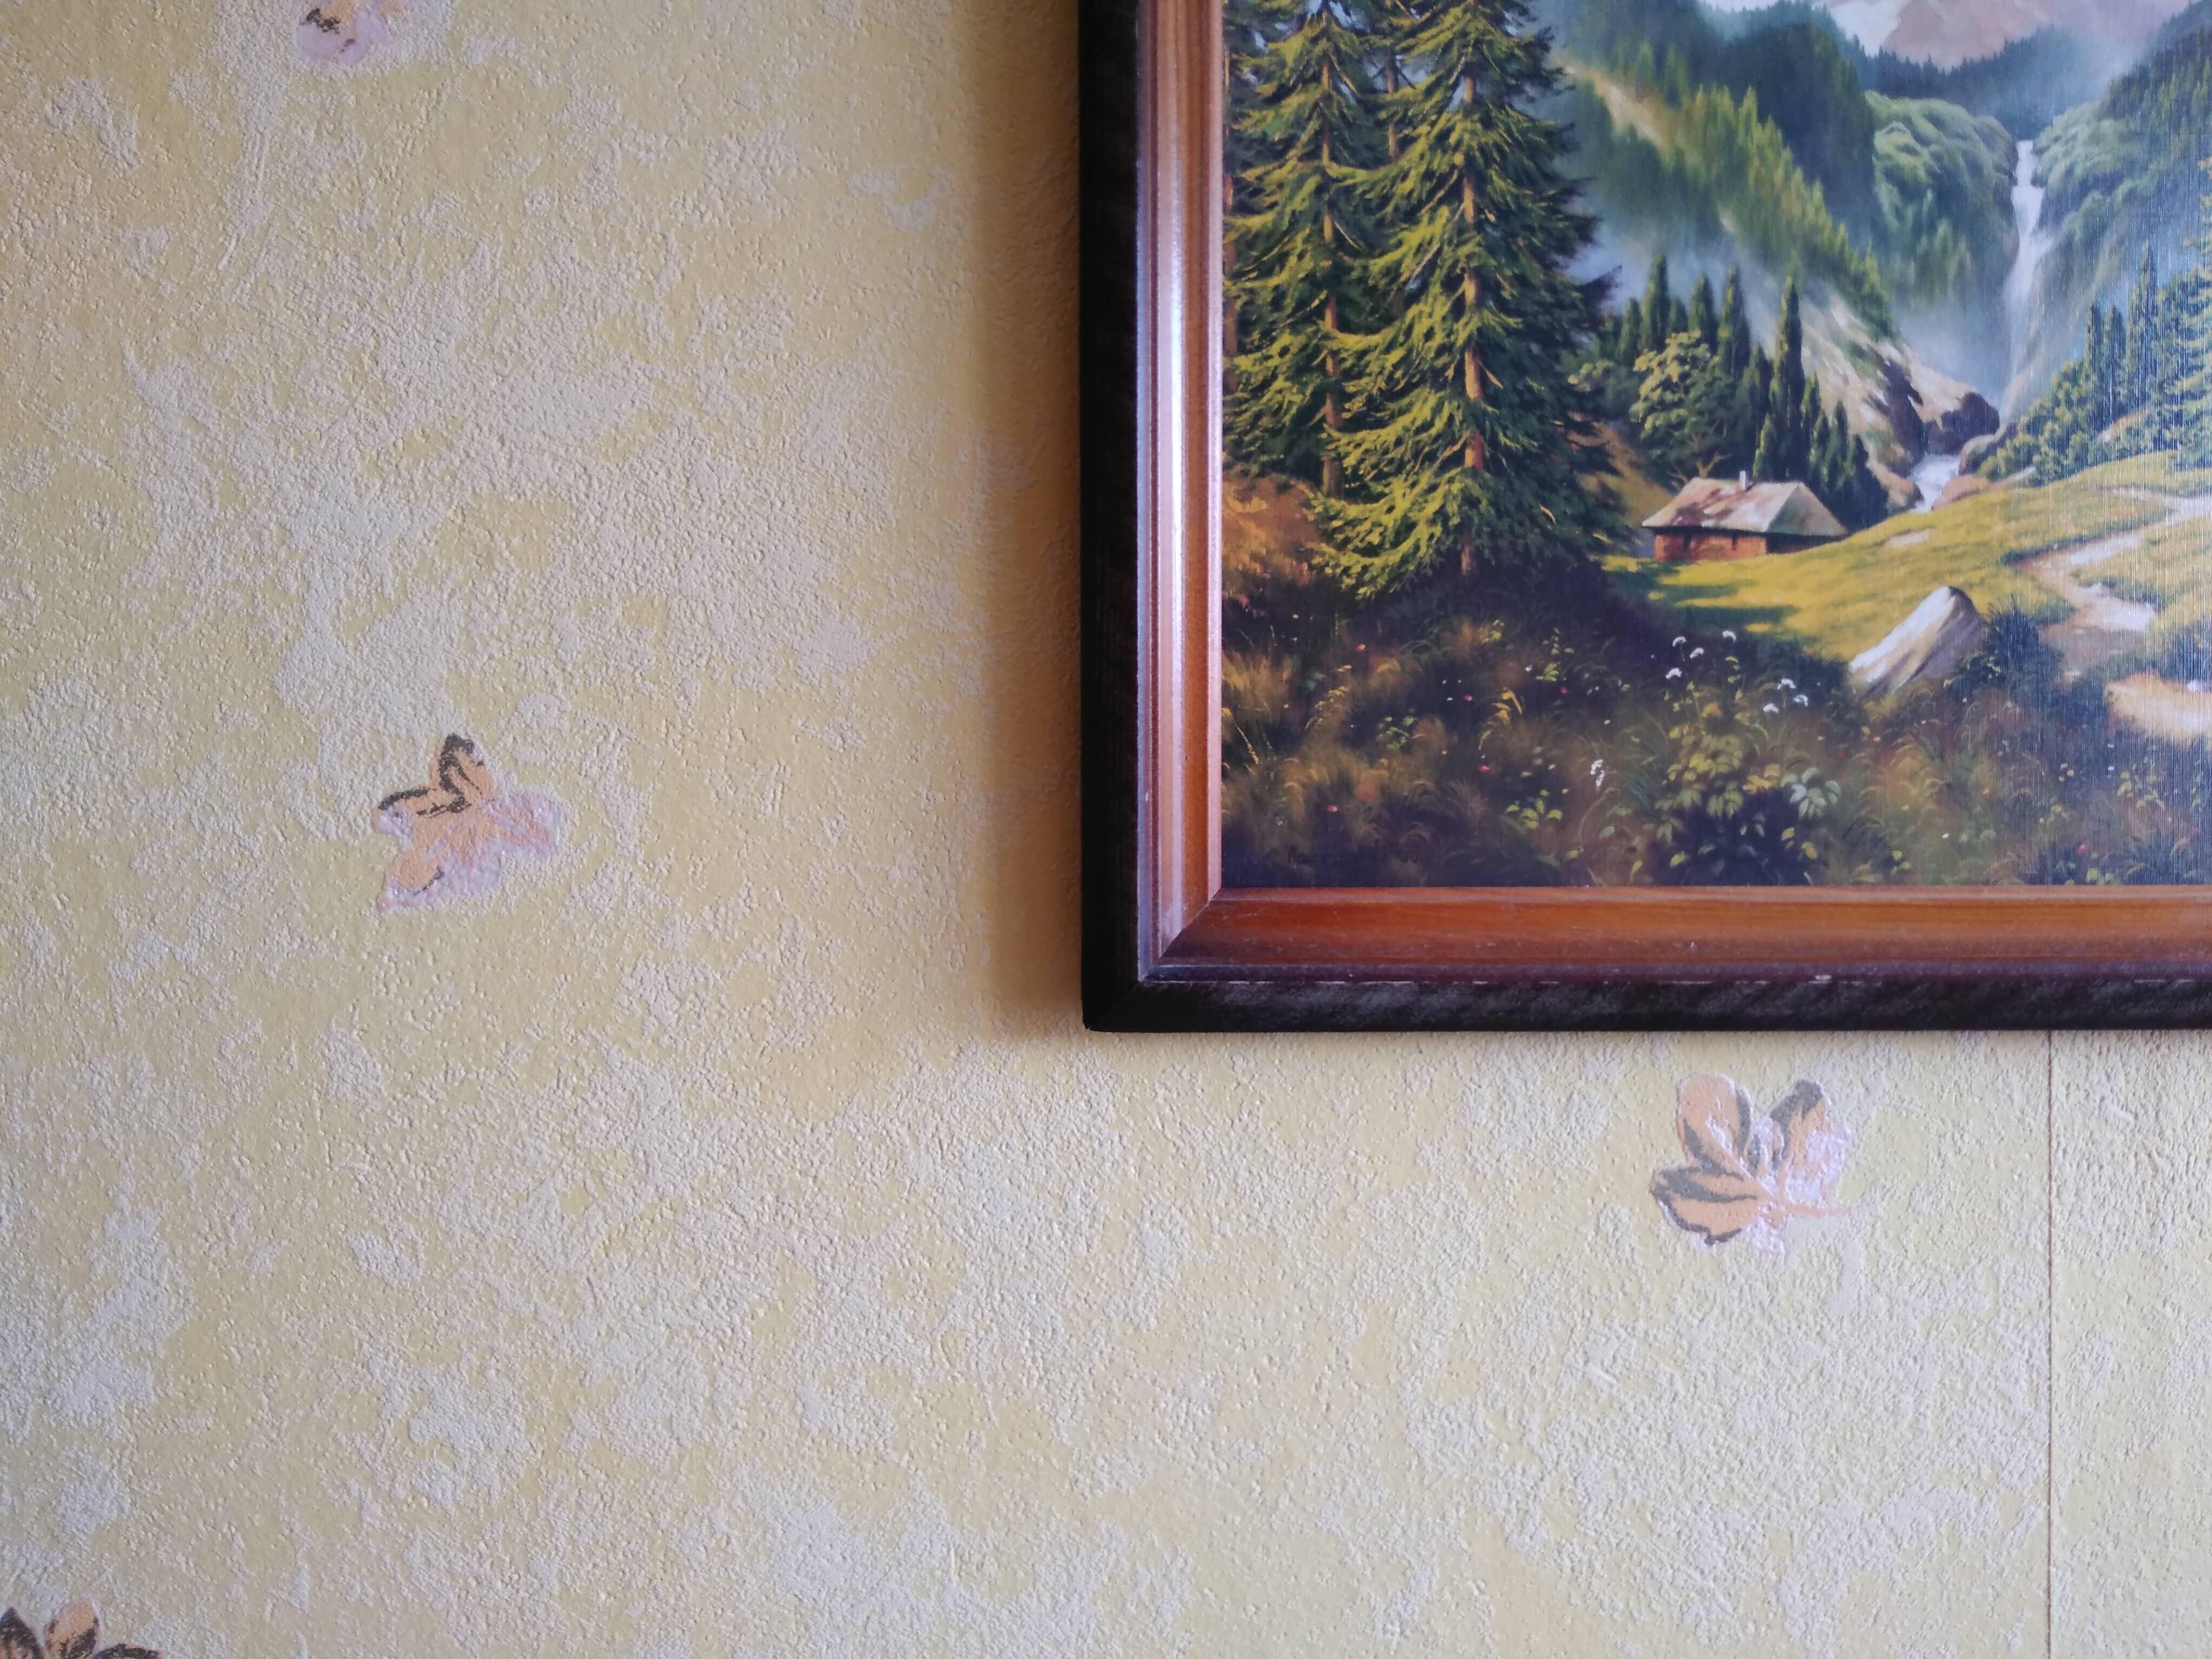 Zdjęcia w pomieszczeniu - Motorola Moto E5 Plus